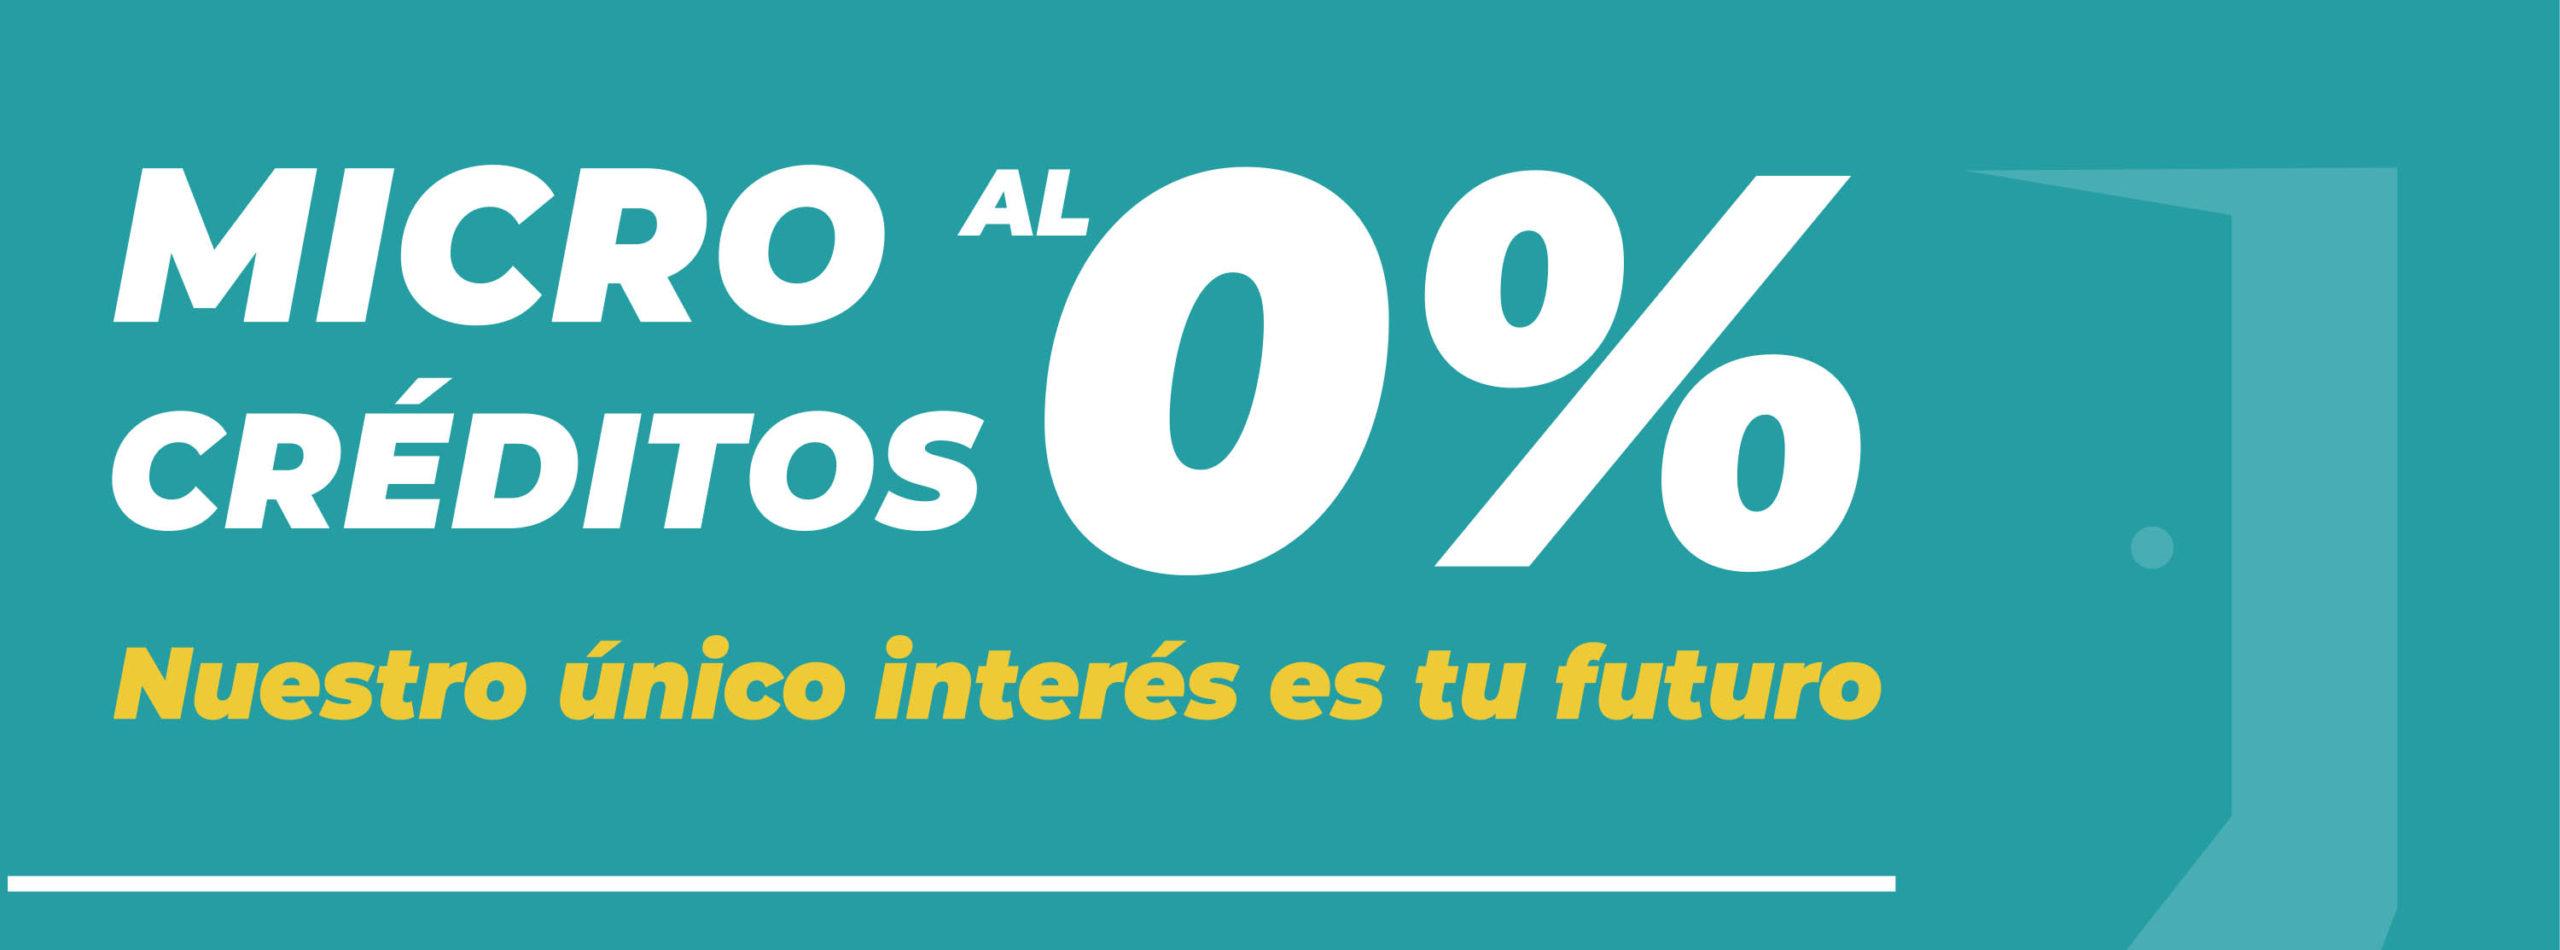 Microcréditos al 0%